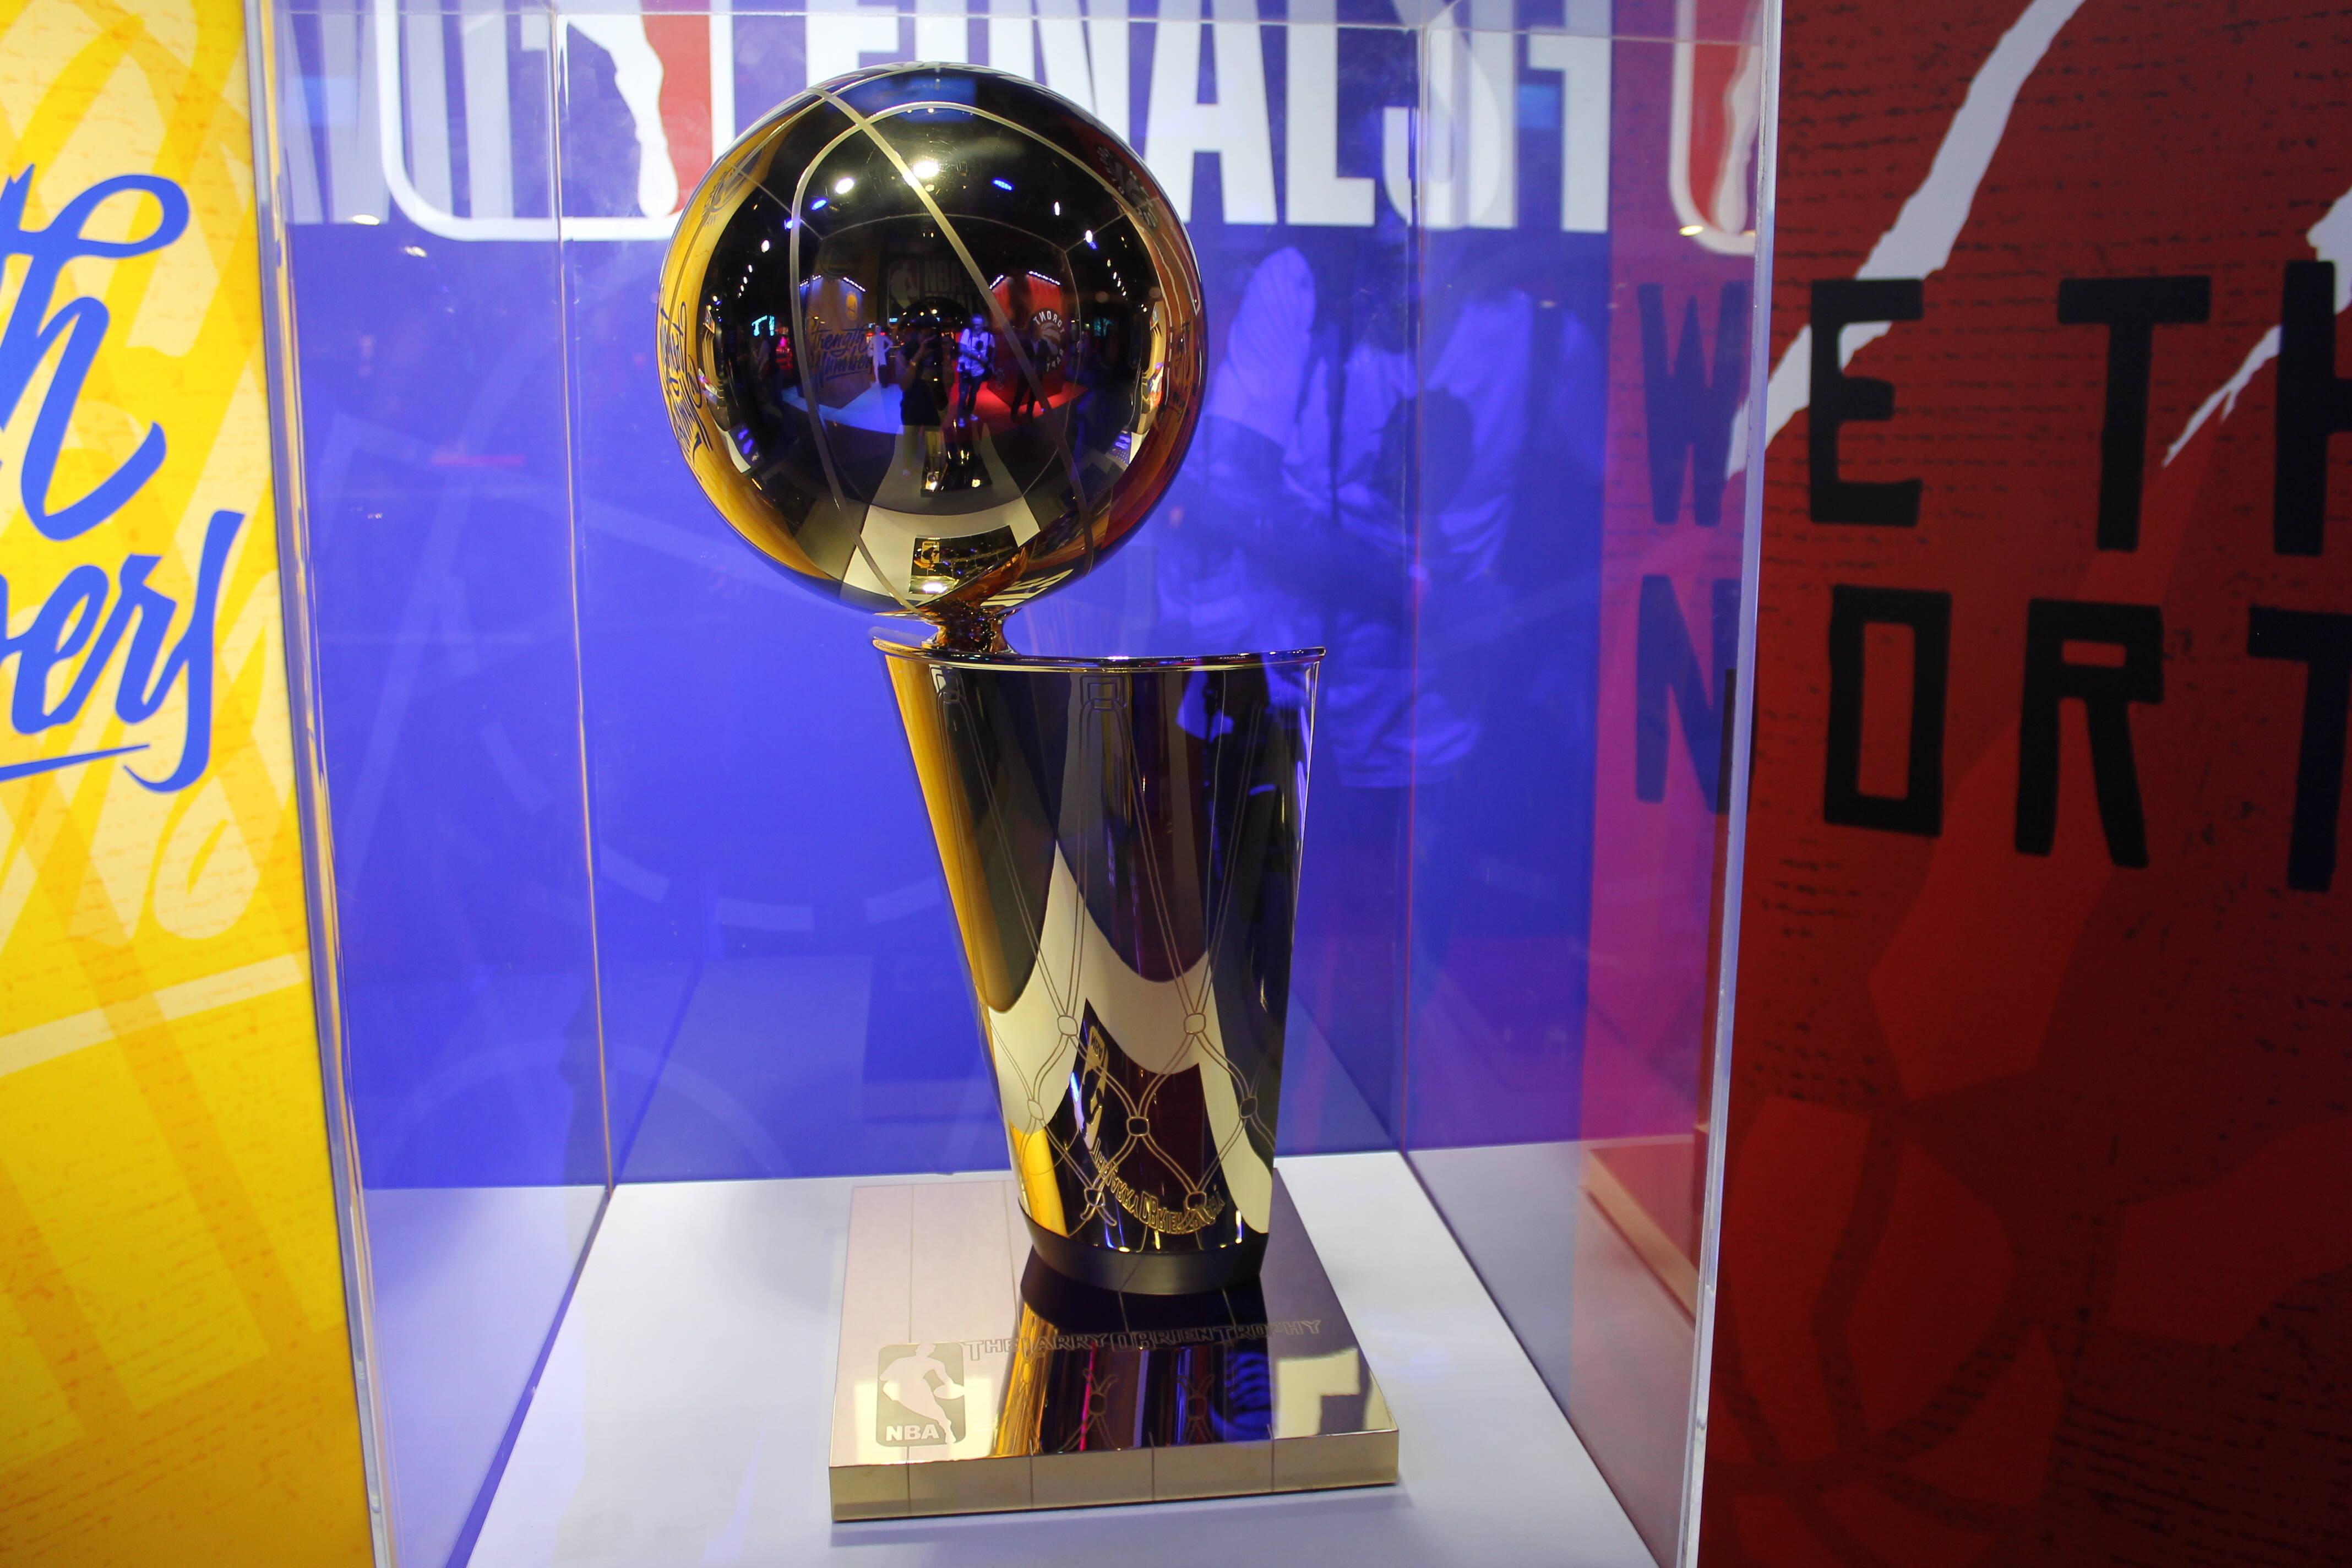 Troféu Larry O'Brien está exposto na NBA House 2019. Foto: Flavia Matos/ IG